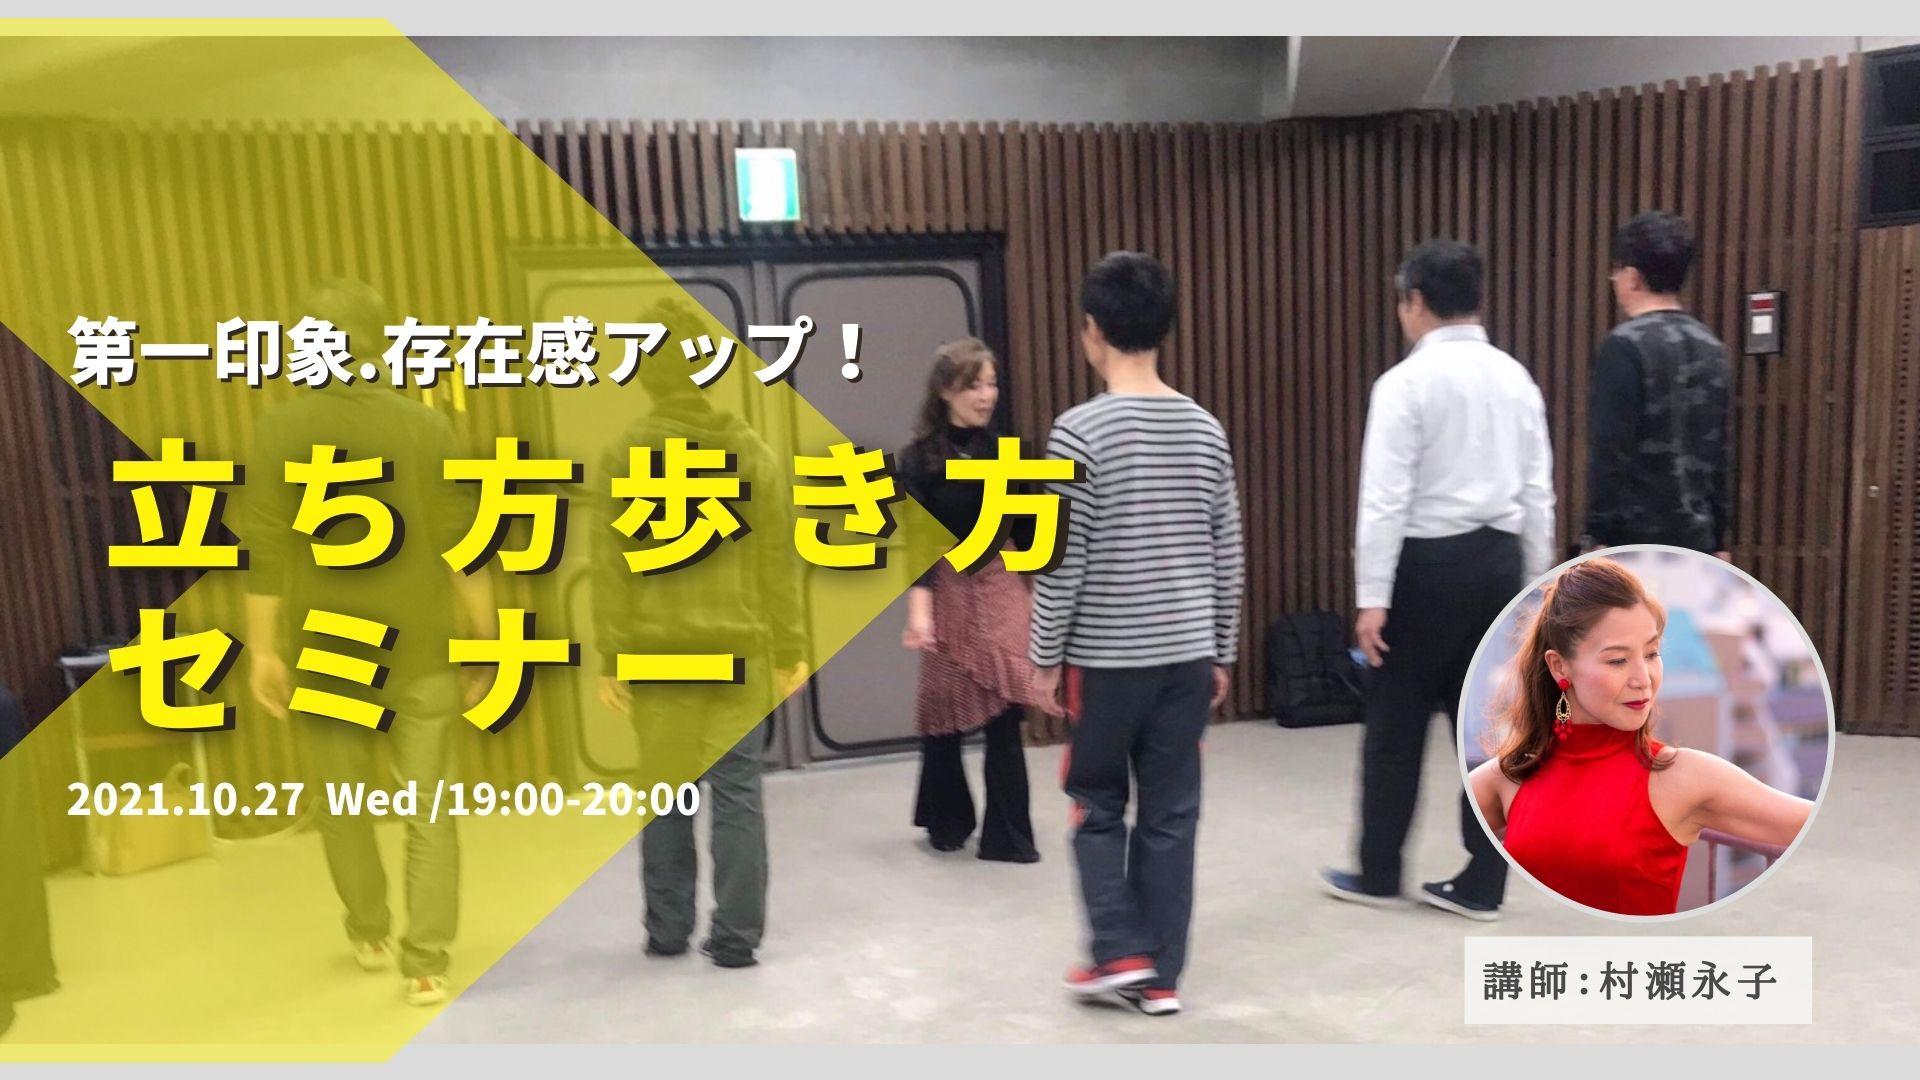 10/27 第一印象・存在感アップ! 立ち方歩き方セミナー